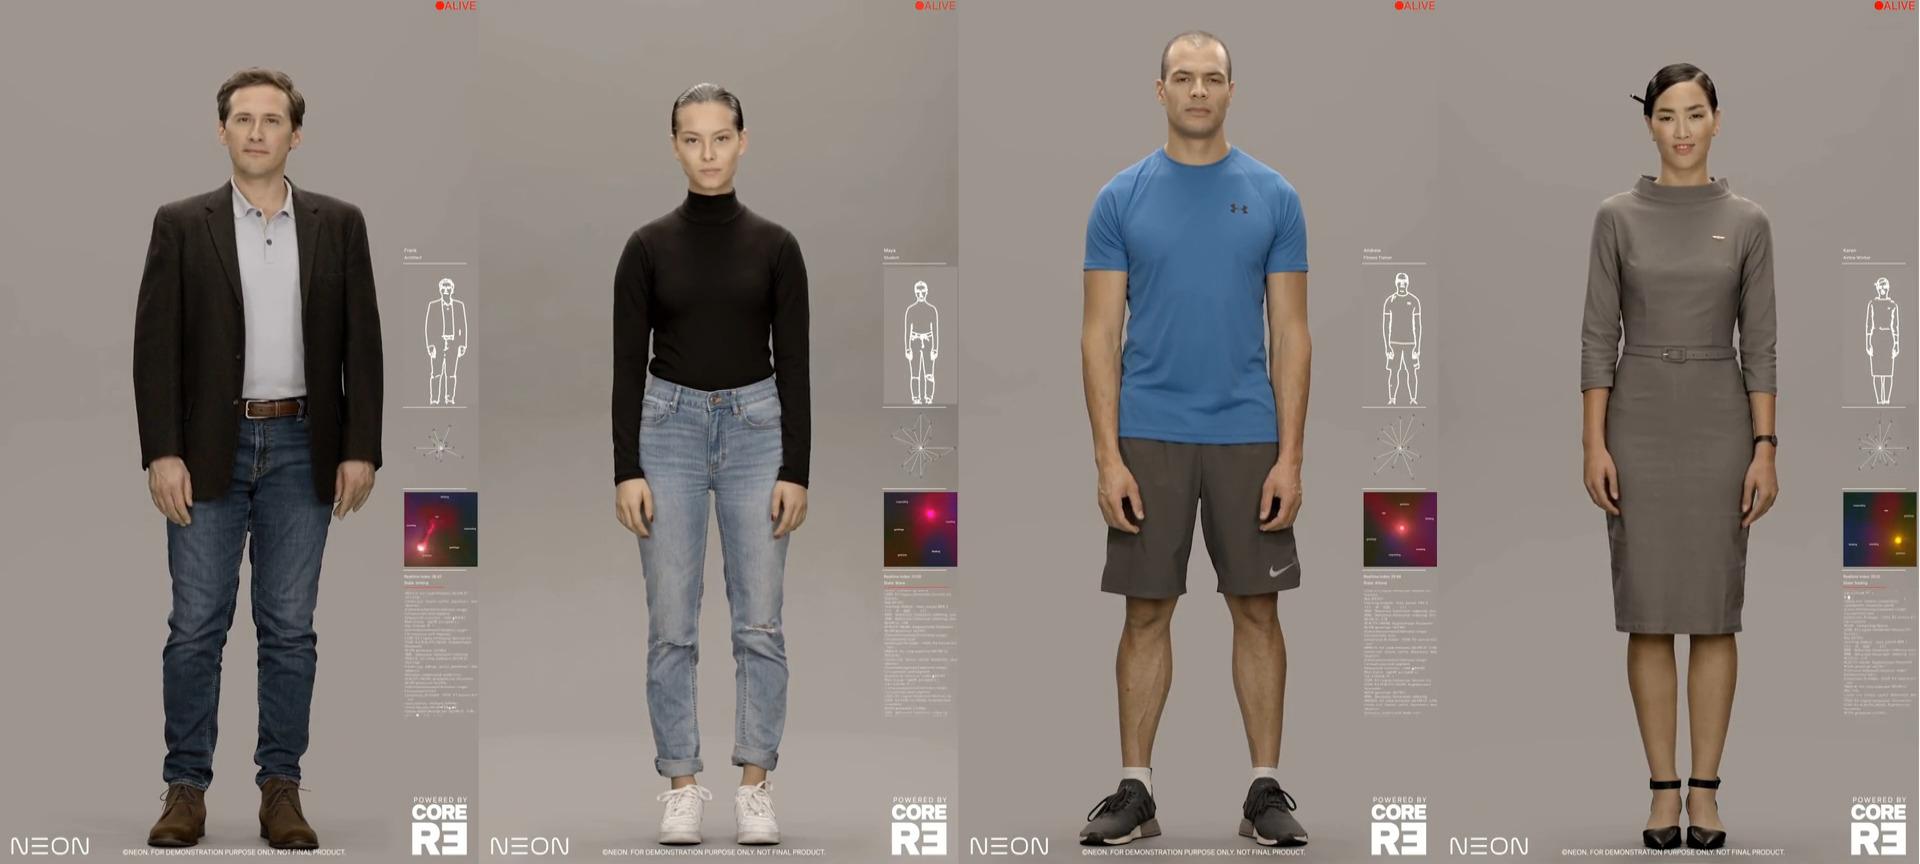 Różne postacie z projektu Neon